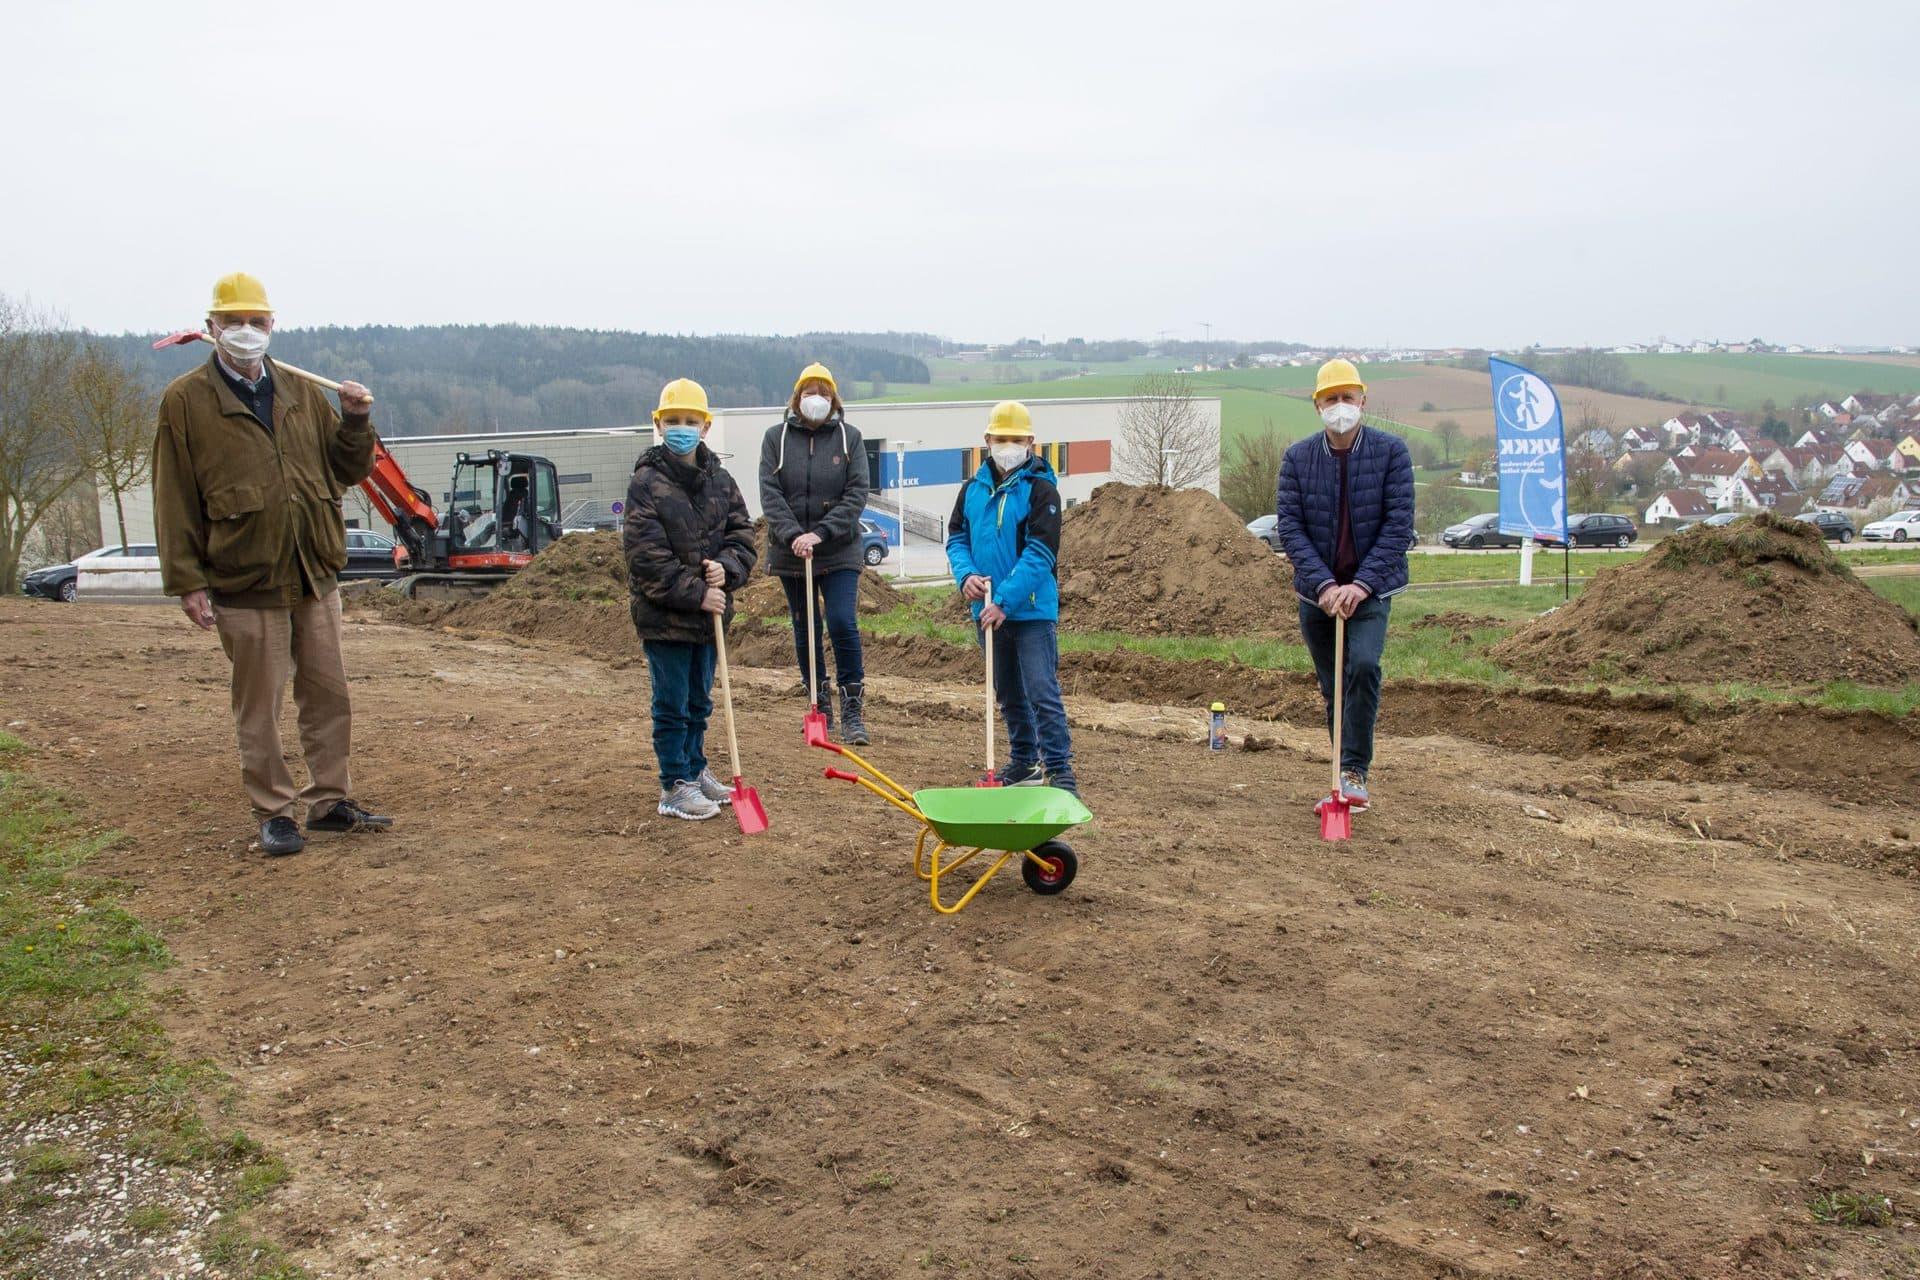 Spatenstich für Therapie-Spielgarten in Regensburg Auf zwei Terrassen entsteht neben der Kinder-Uniklinik ein Spielplatz mit speziellem Angebot / Fertigstellung für Sommer2021 geplant